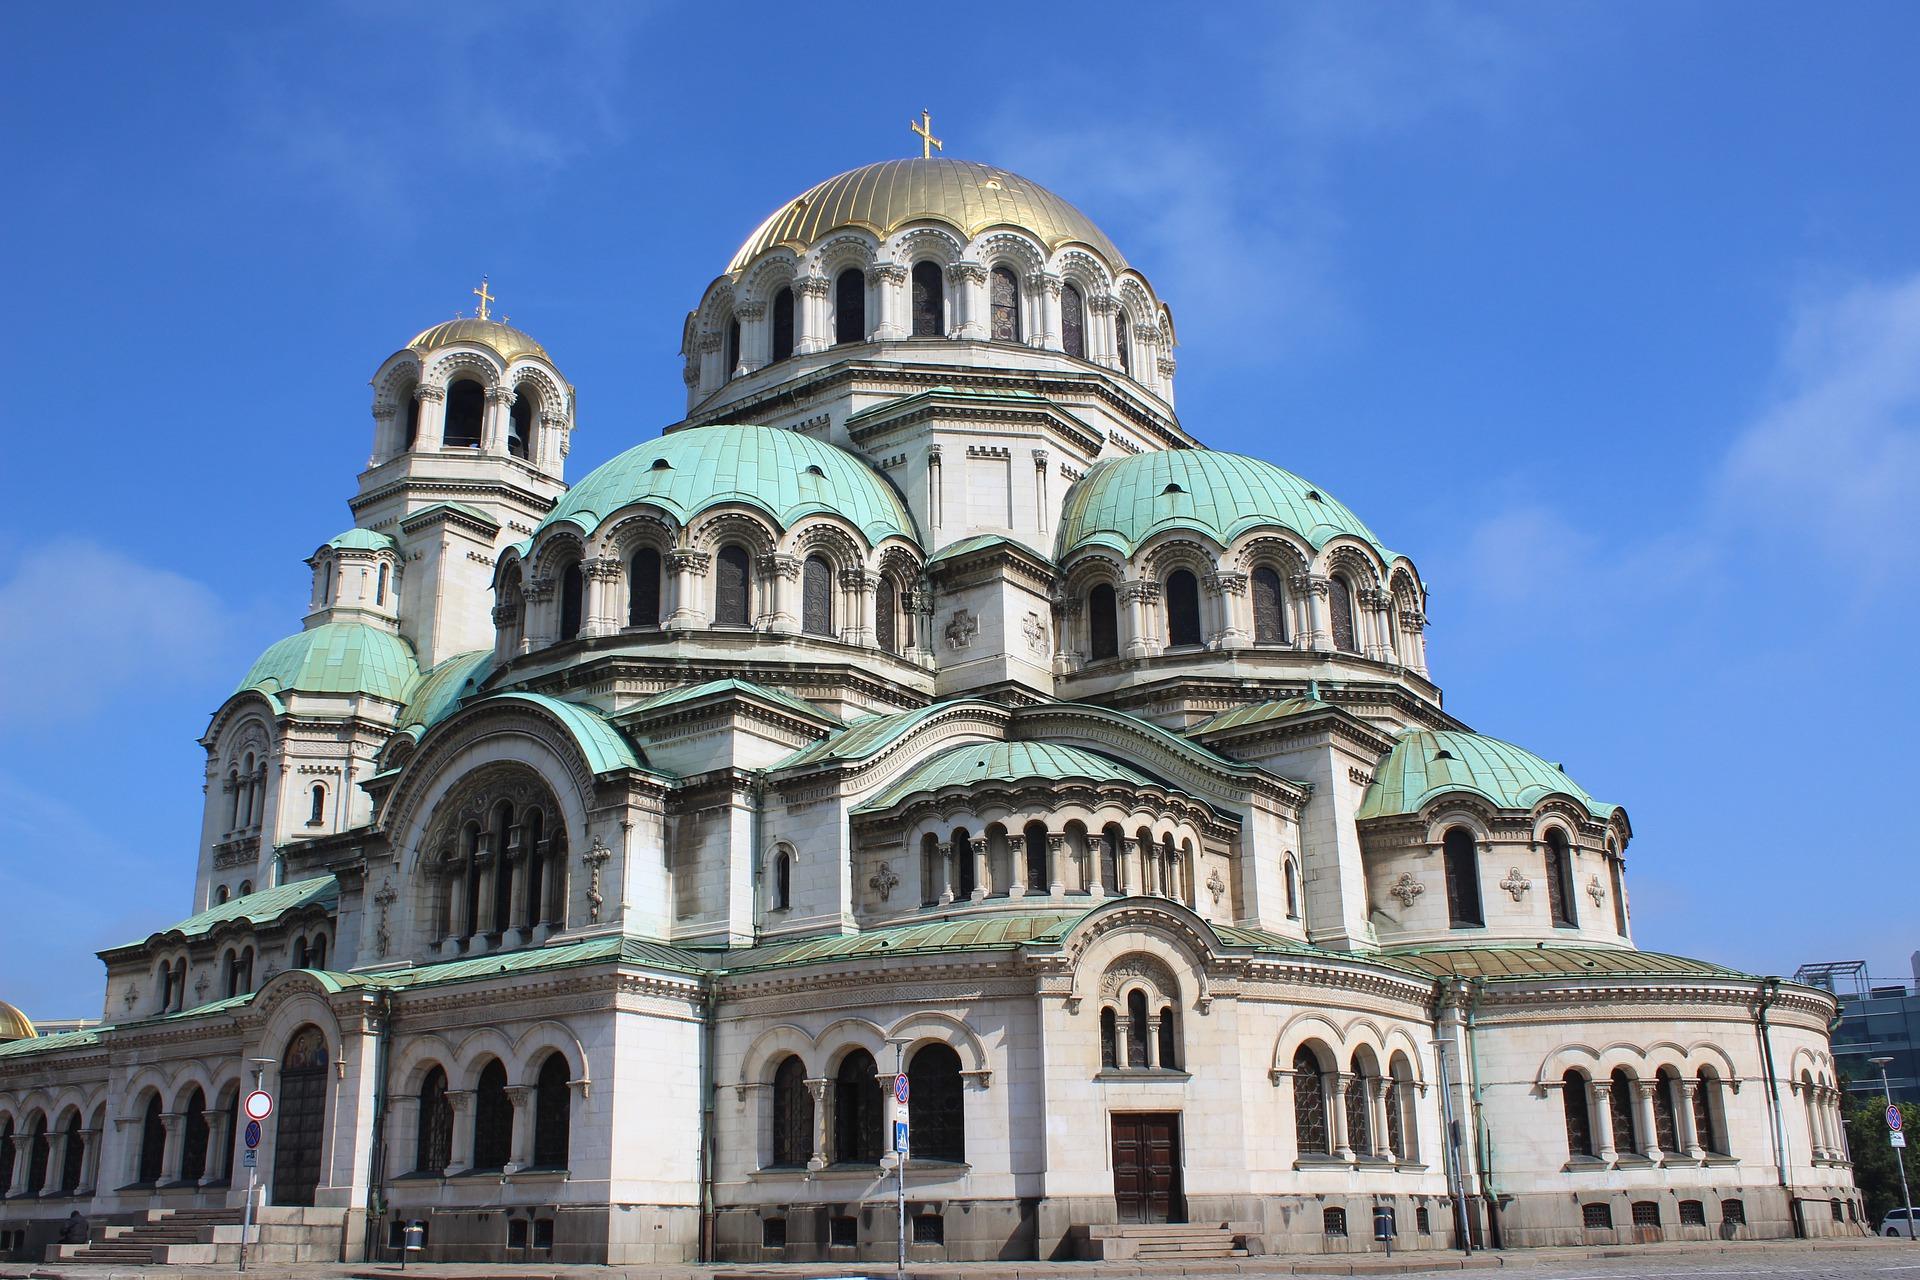 ブルガリア所有のビットコイン総額が遂に金を上回る|これからは暗号資産(仮想通貨)の時代か | CoinPartner(コインパートナー)